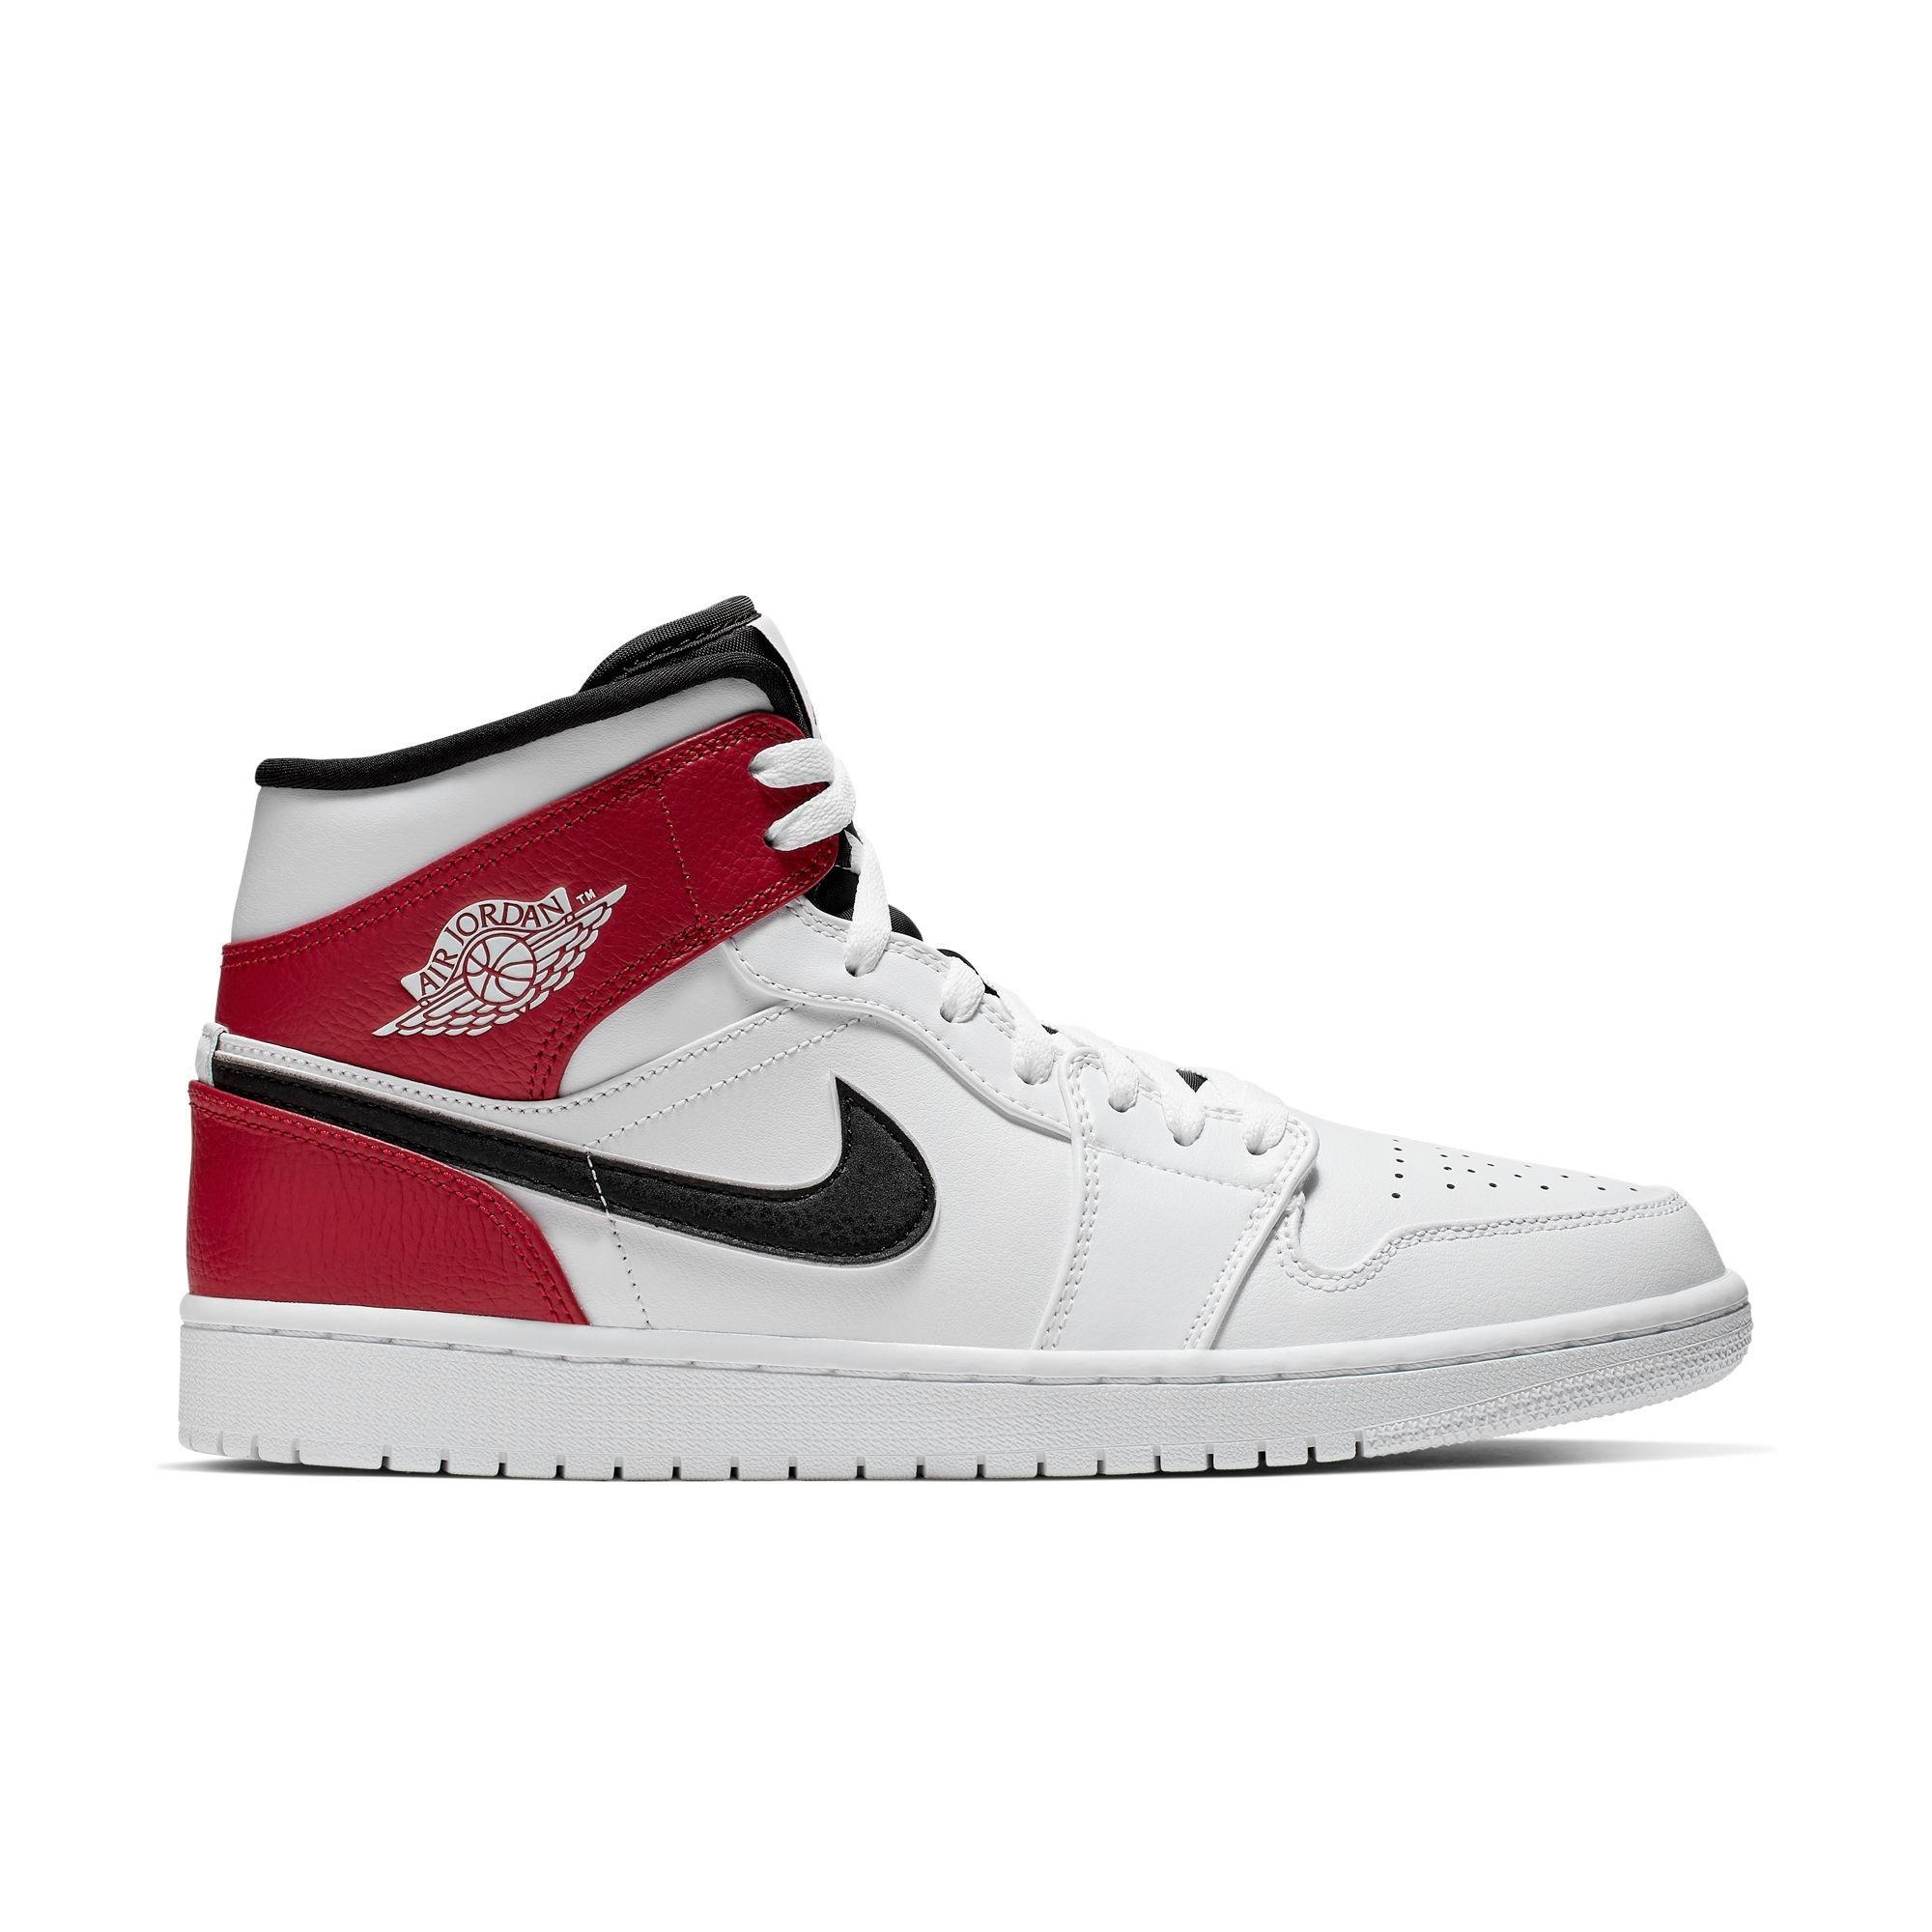 jordan 1 white black red